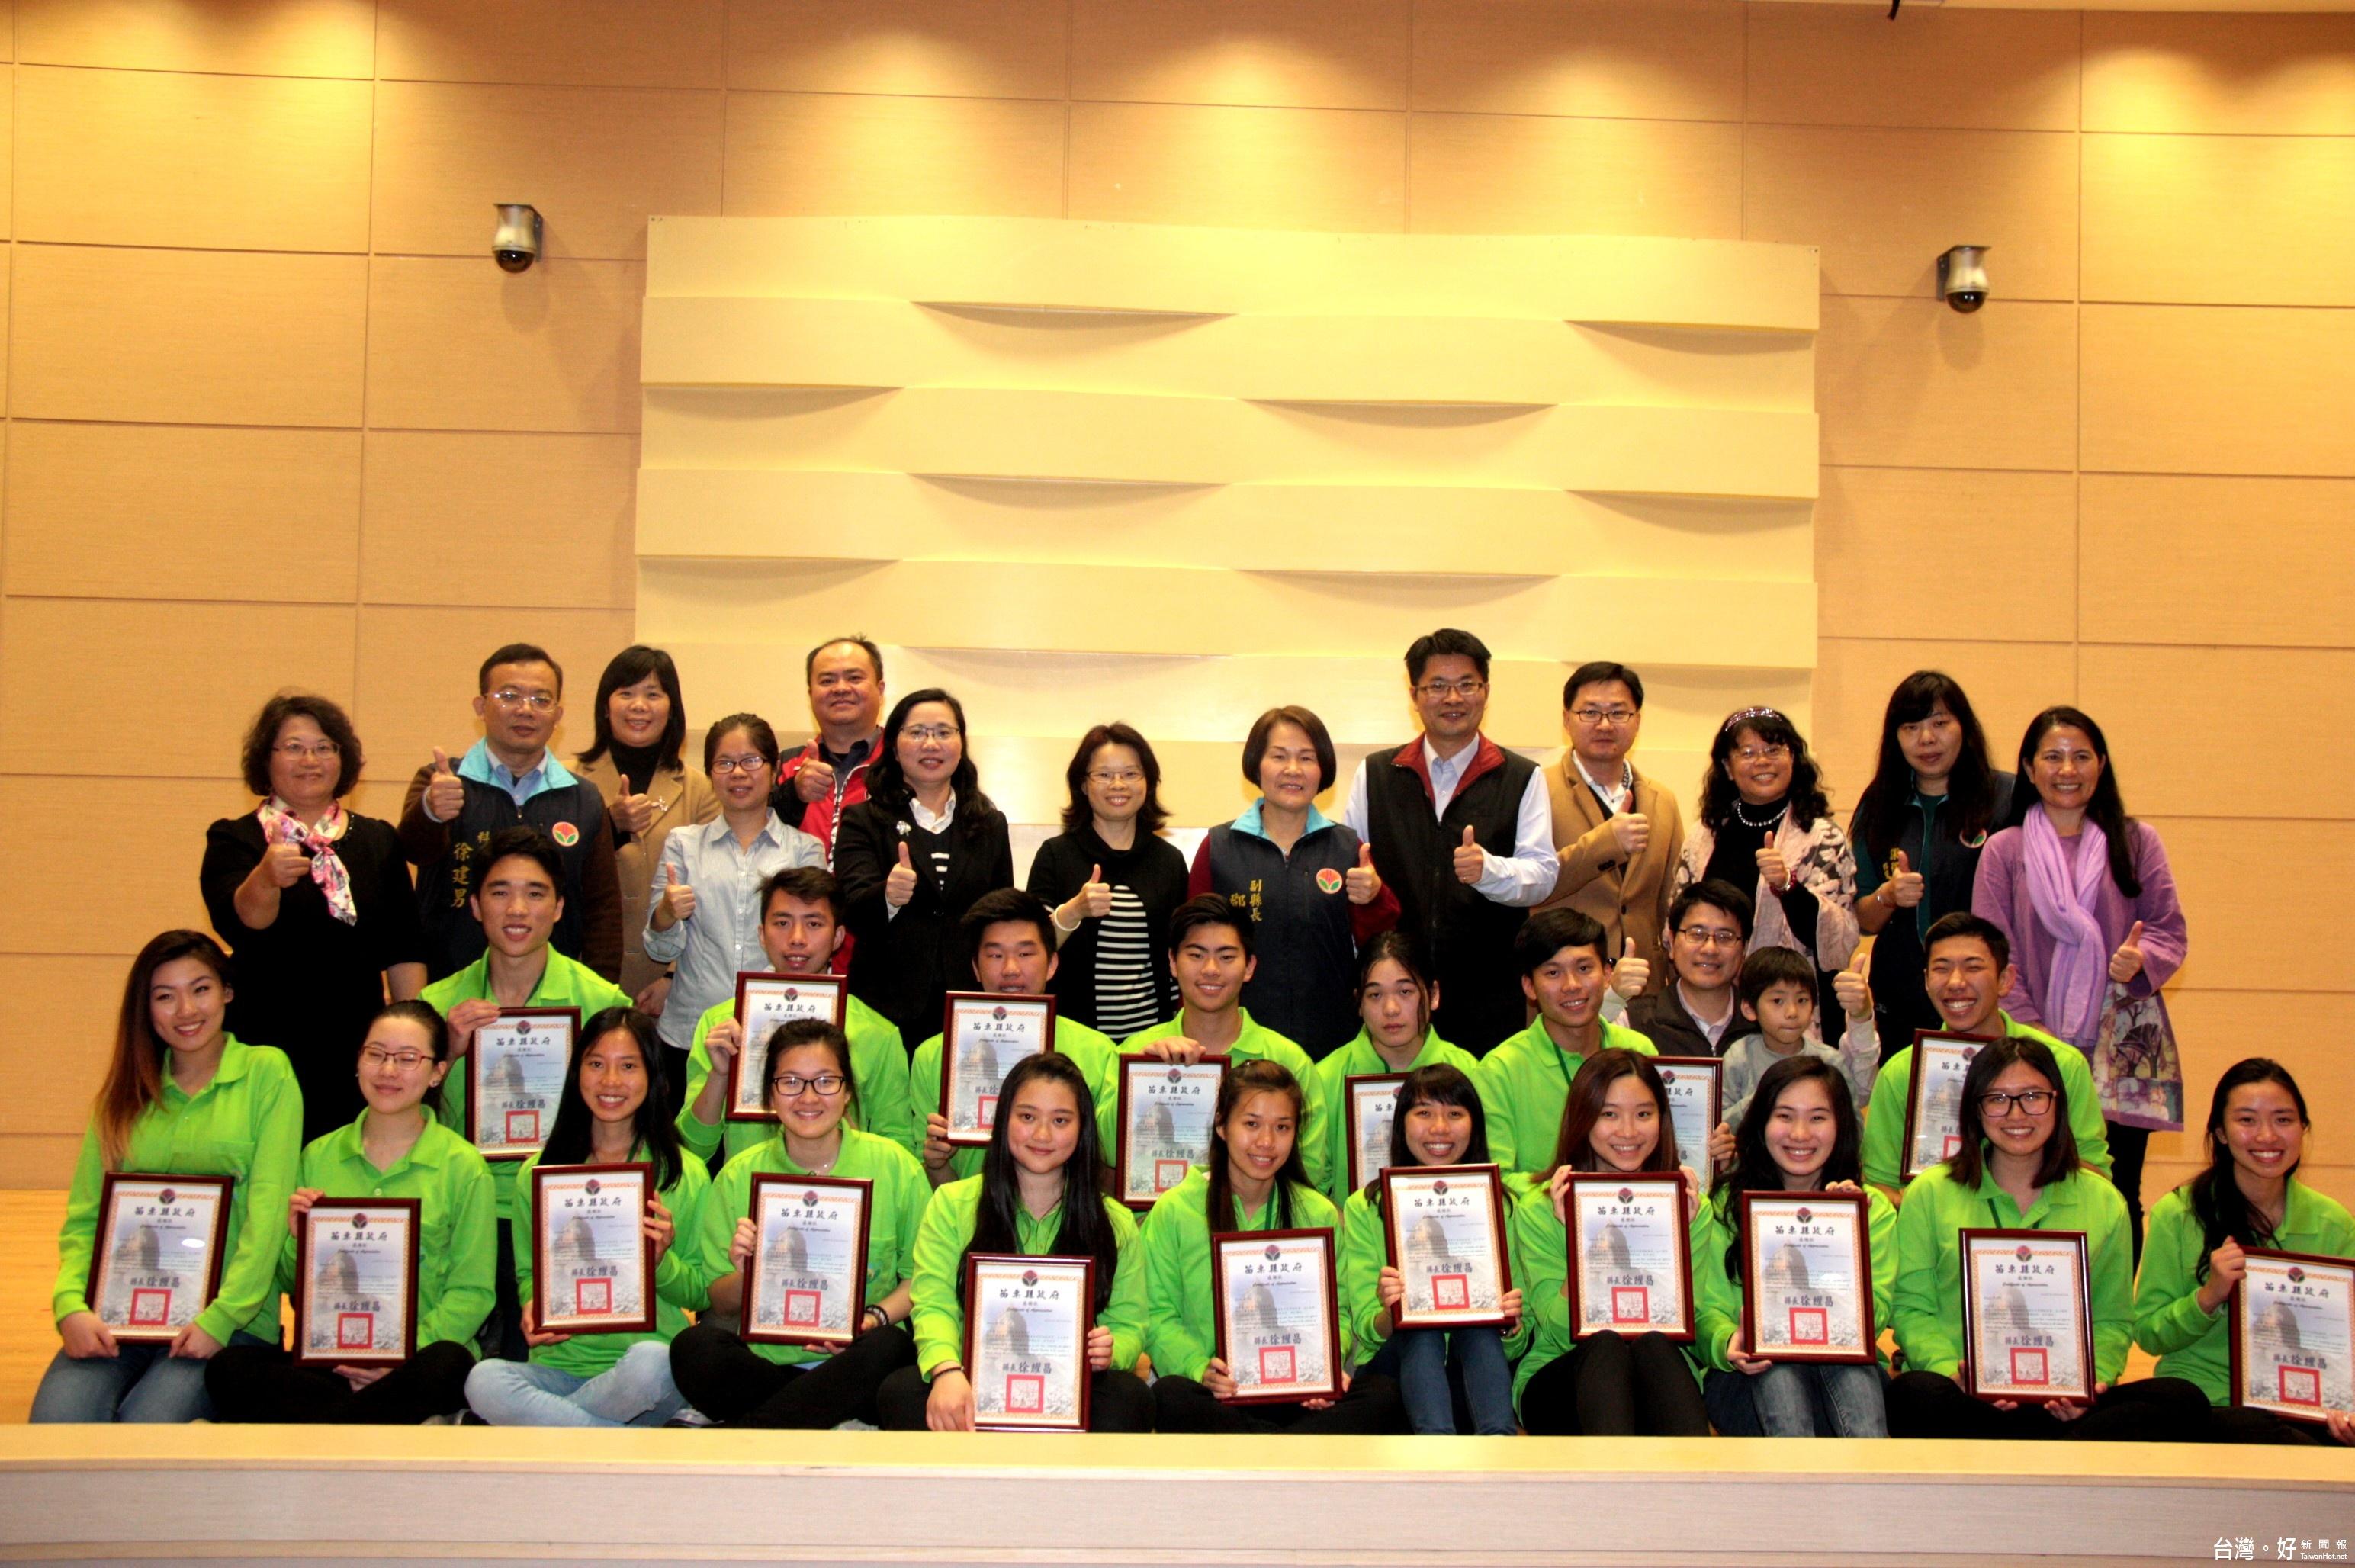 結束2周下鄉服務 南半球華裔青年英語服務營成果發表